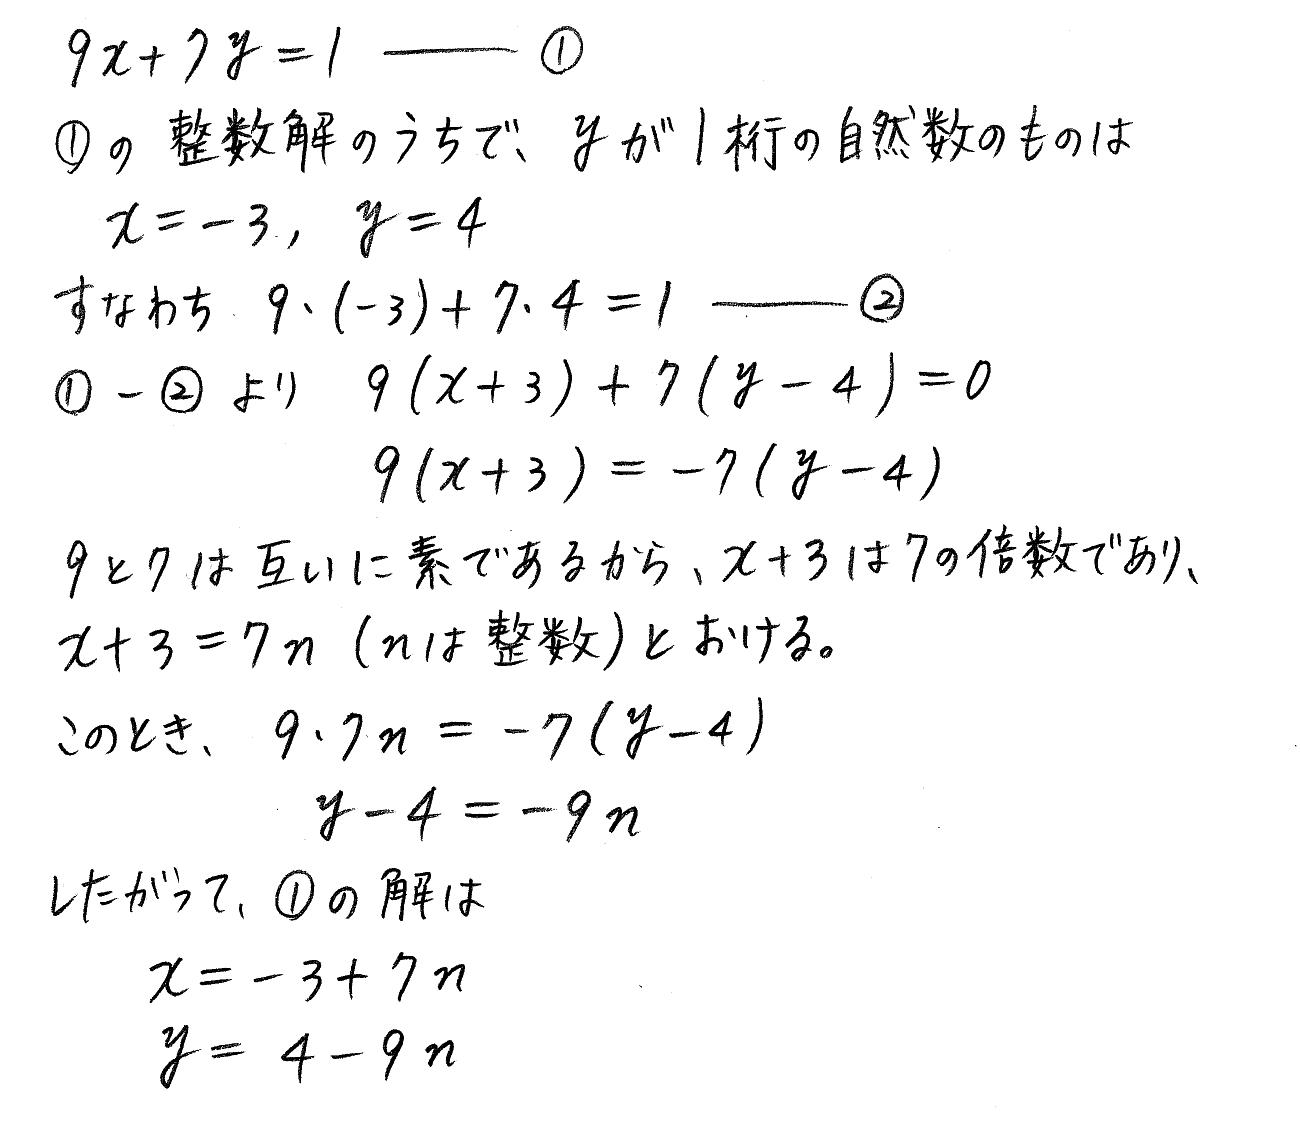 クリアー数学演習12AB受験編-74解答